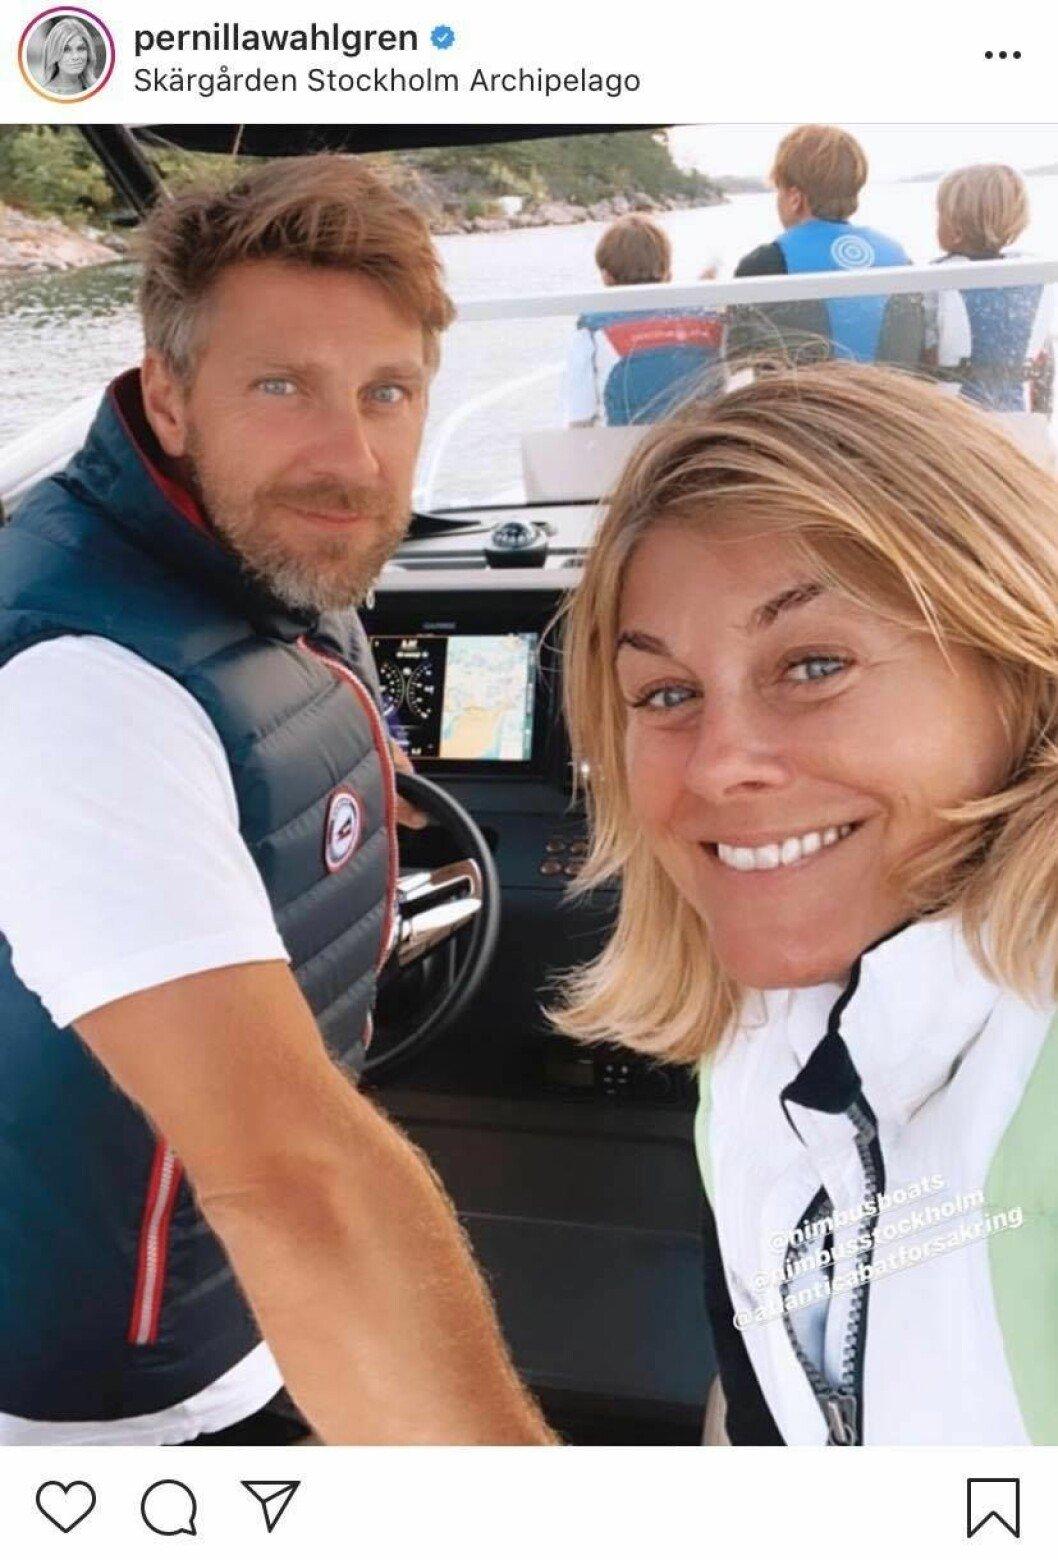 Linus Wahlgren och Pernilla Wahlgren